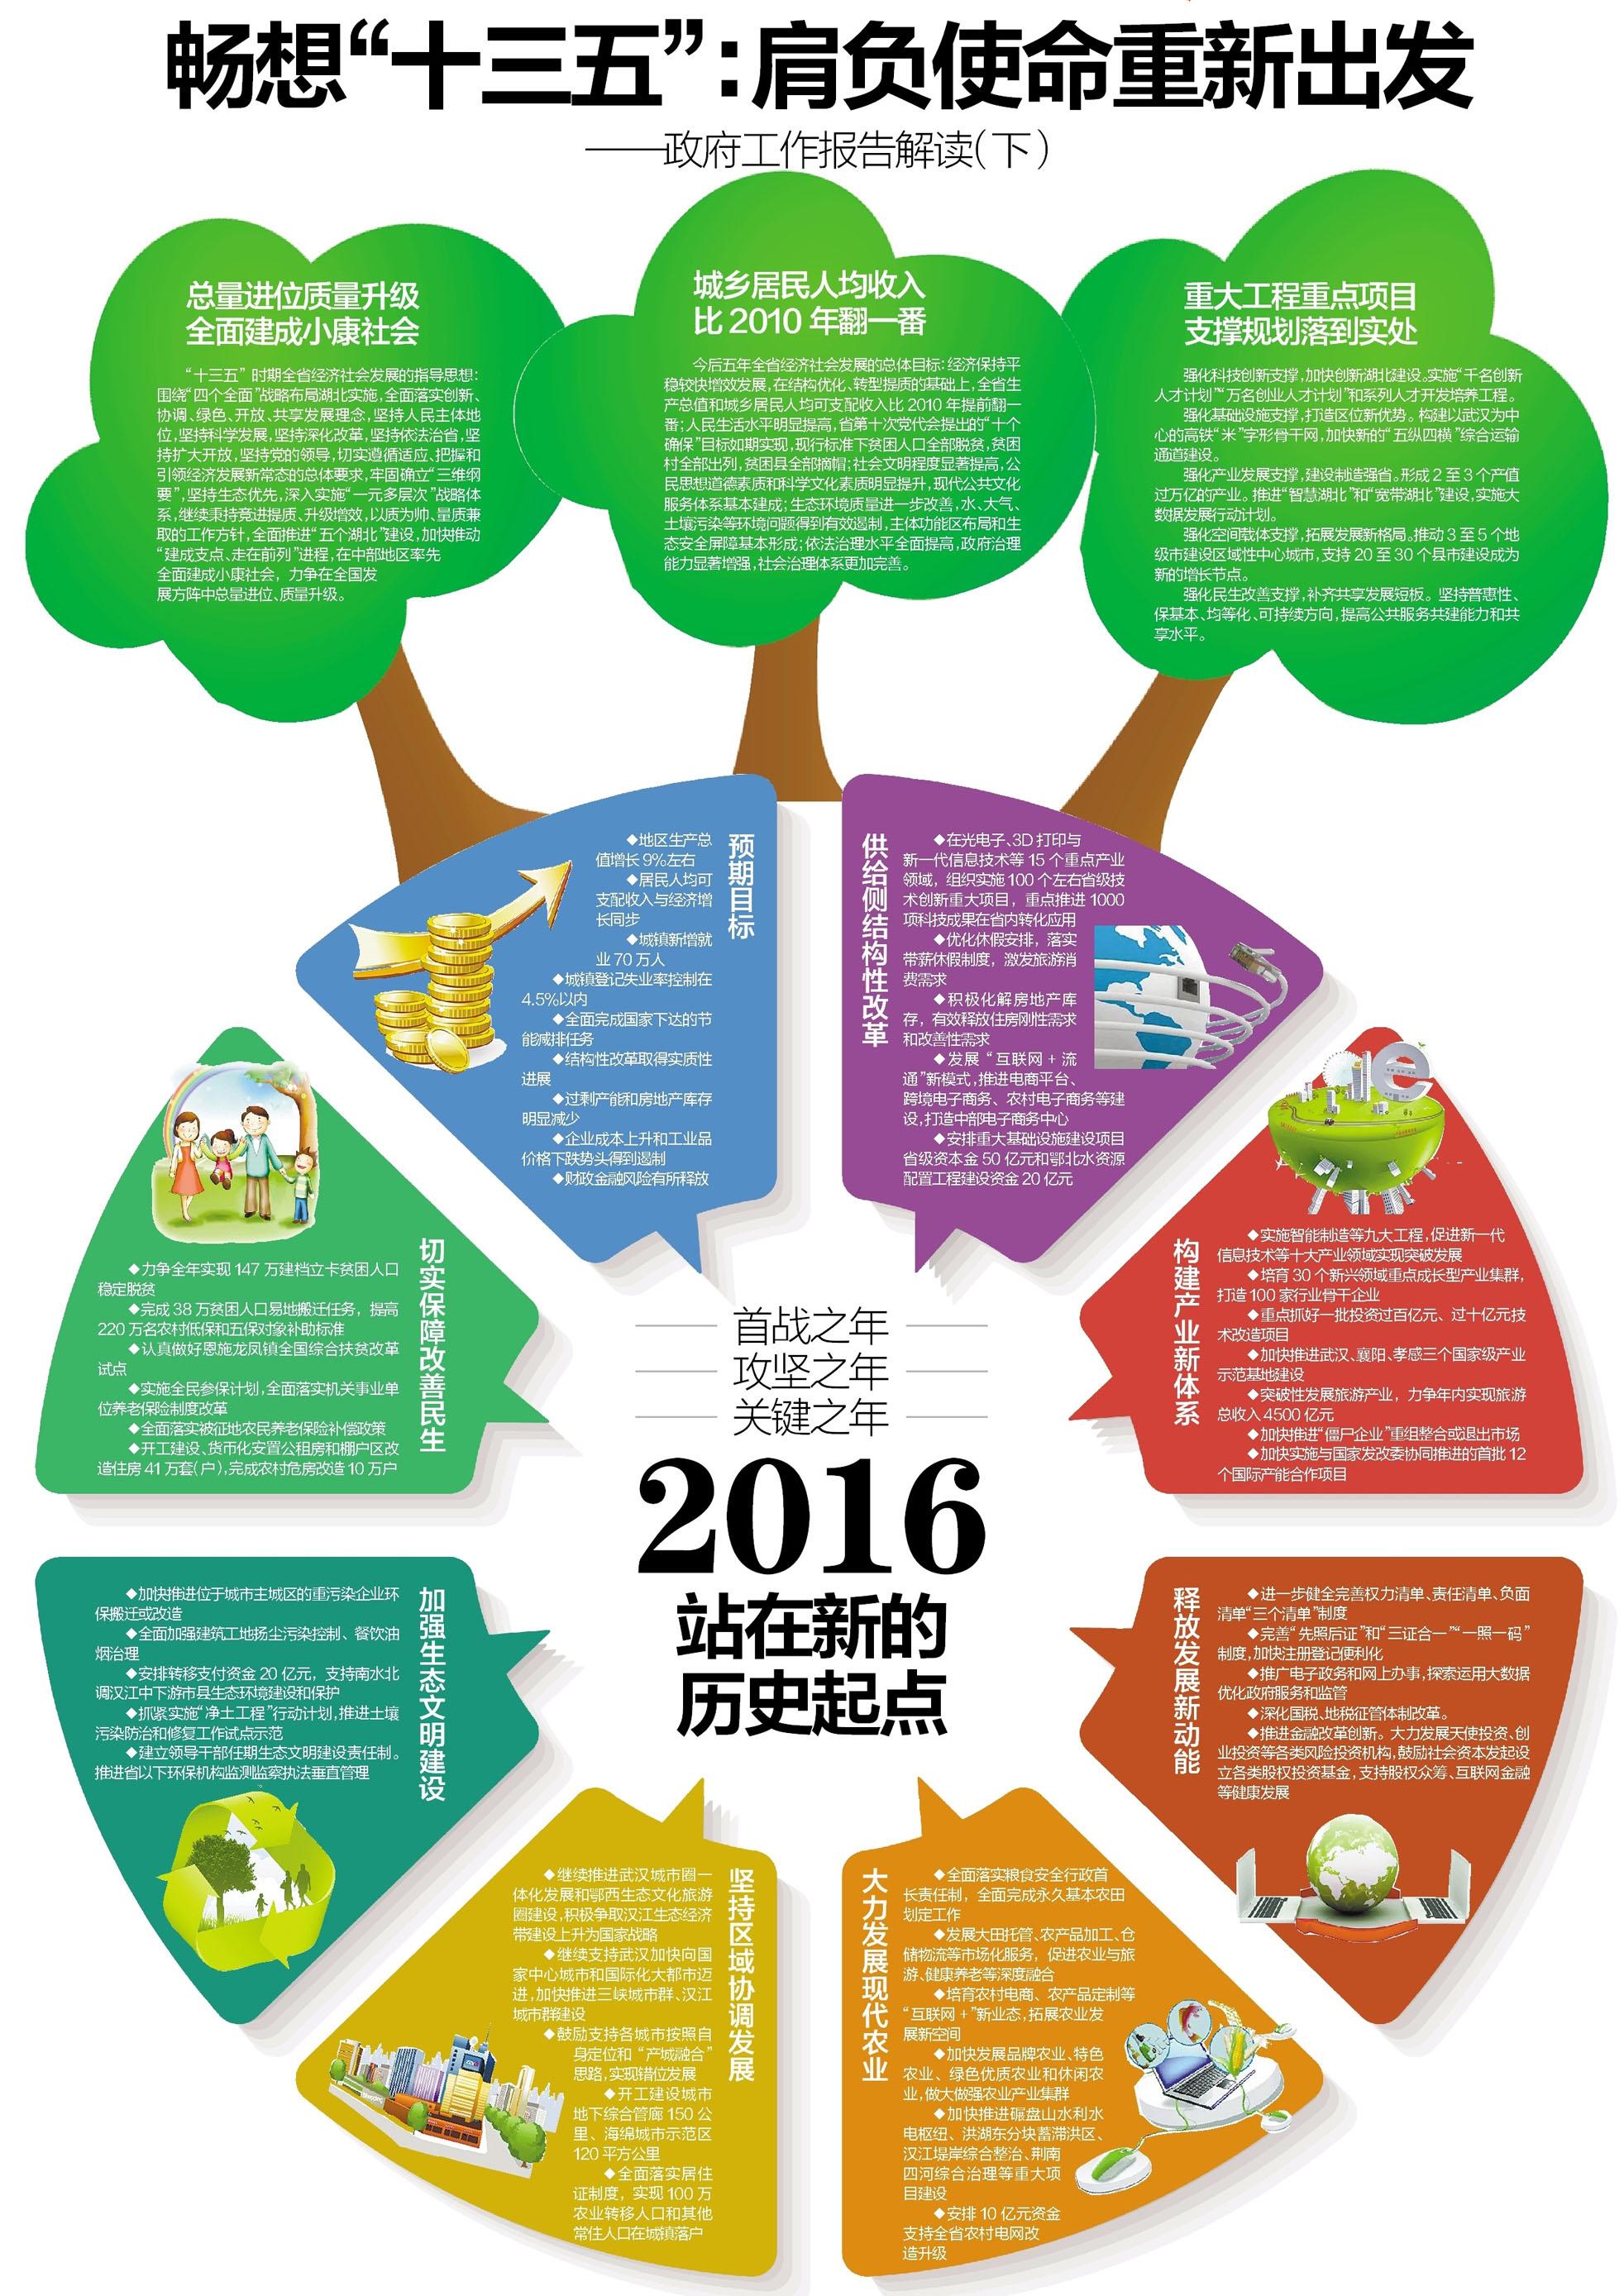 [2016湖北两会]政府工作报告解读(图表)